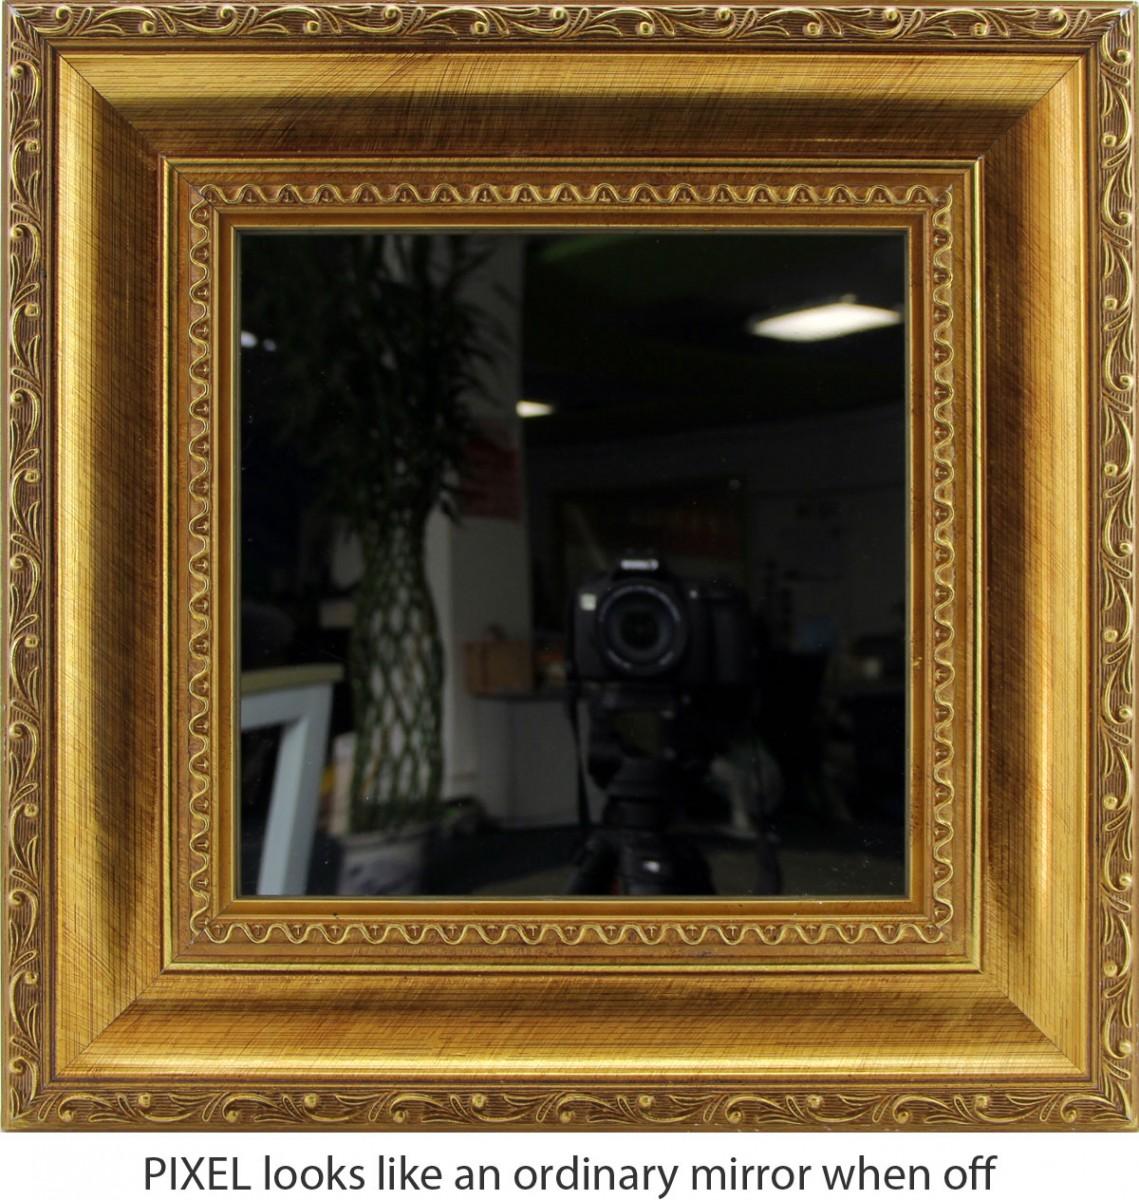 Pixel: Bewegte 8-Bit-Kunst zum An-die-Wand-Hängen - Pixel - ist die LED-Matrix inaktiv, sieht das Display aus wie ein normaler Spiegel, vom Stromkabel abgesehen. (Bild: Al Linke)